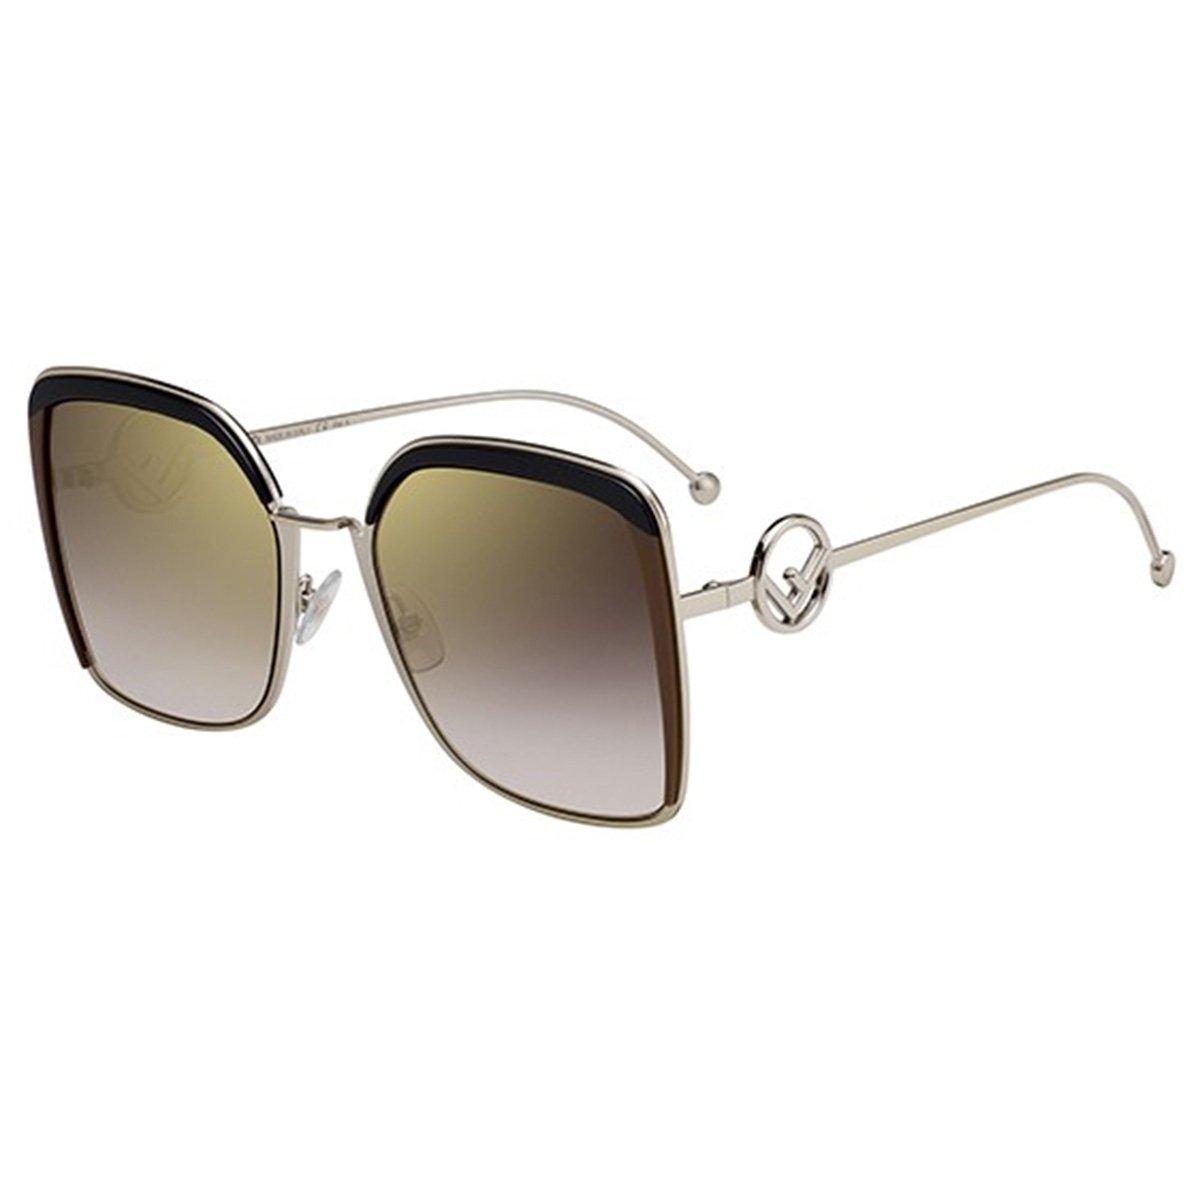 a1747332e535b Compre Óculos de Sol Fendi F is Fendi em 10X